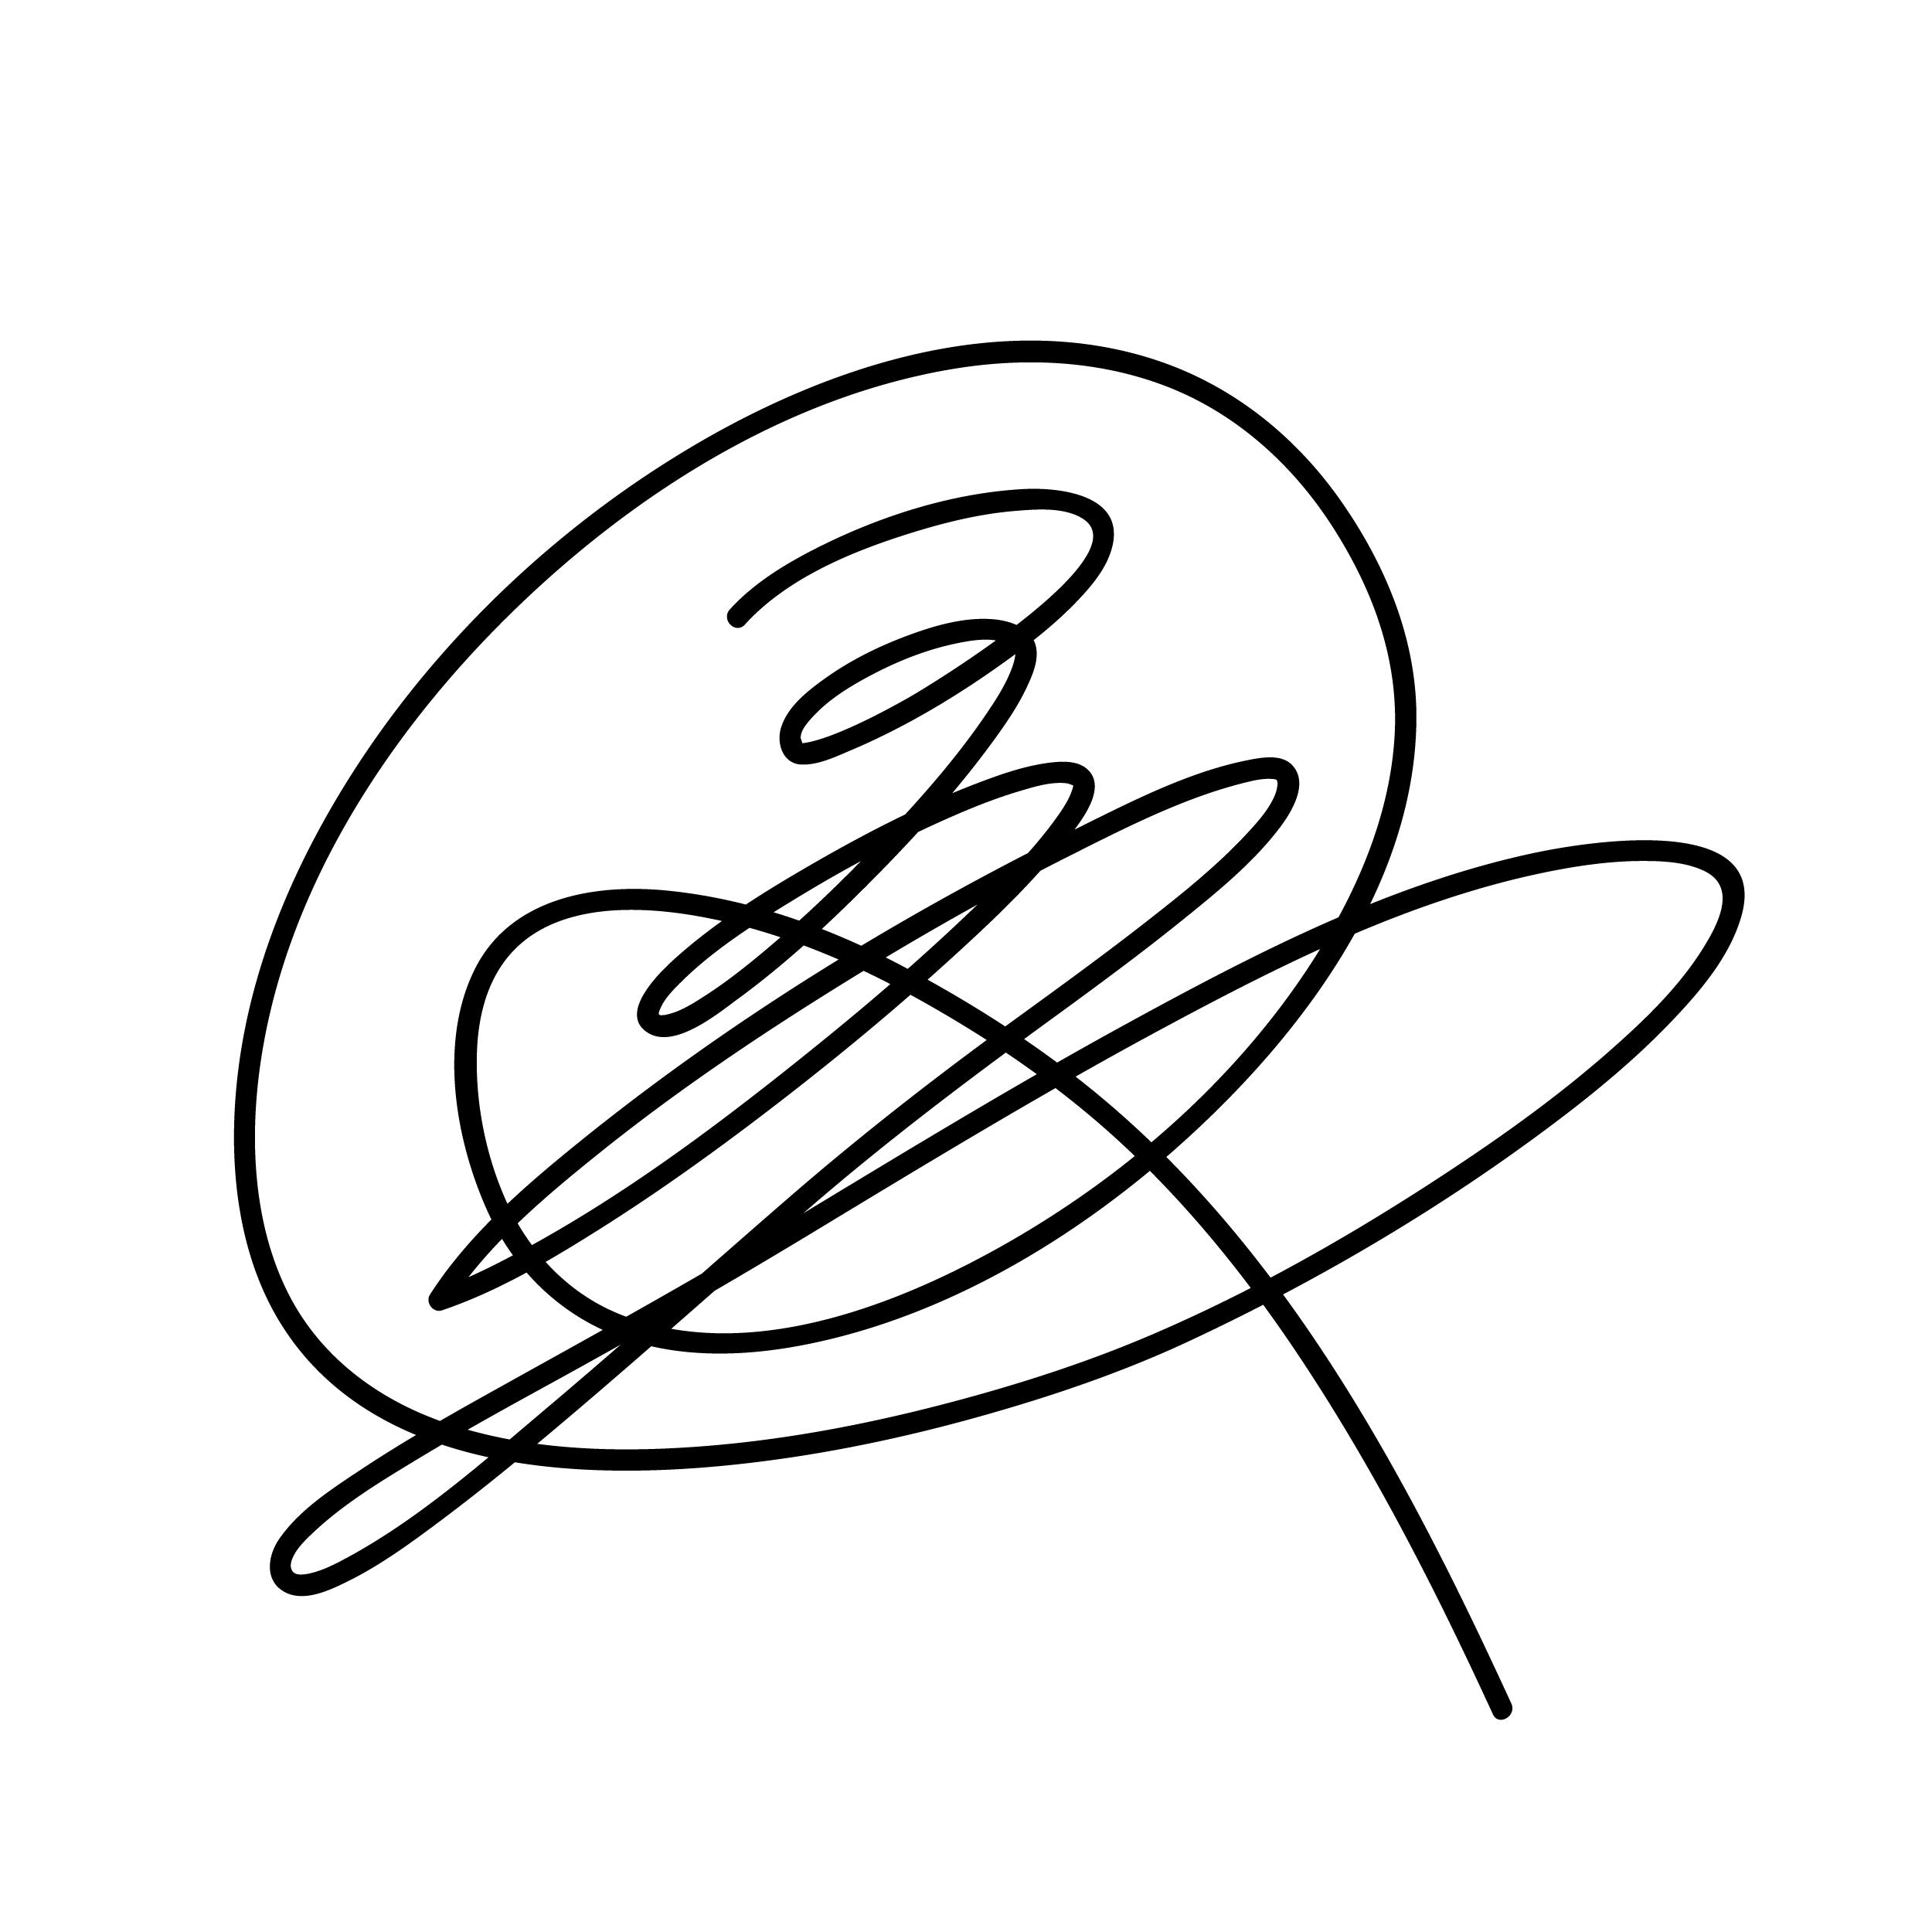 Dan Sang Signature